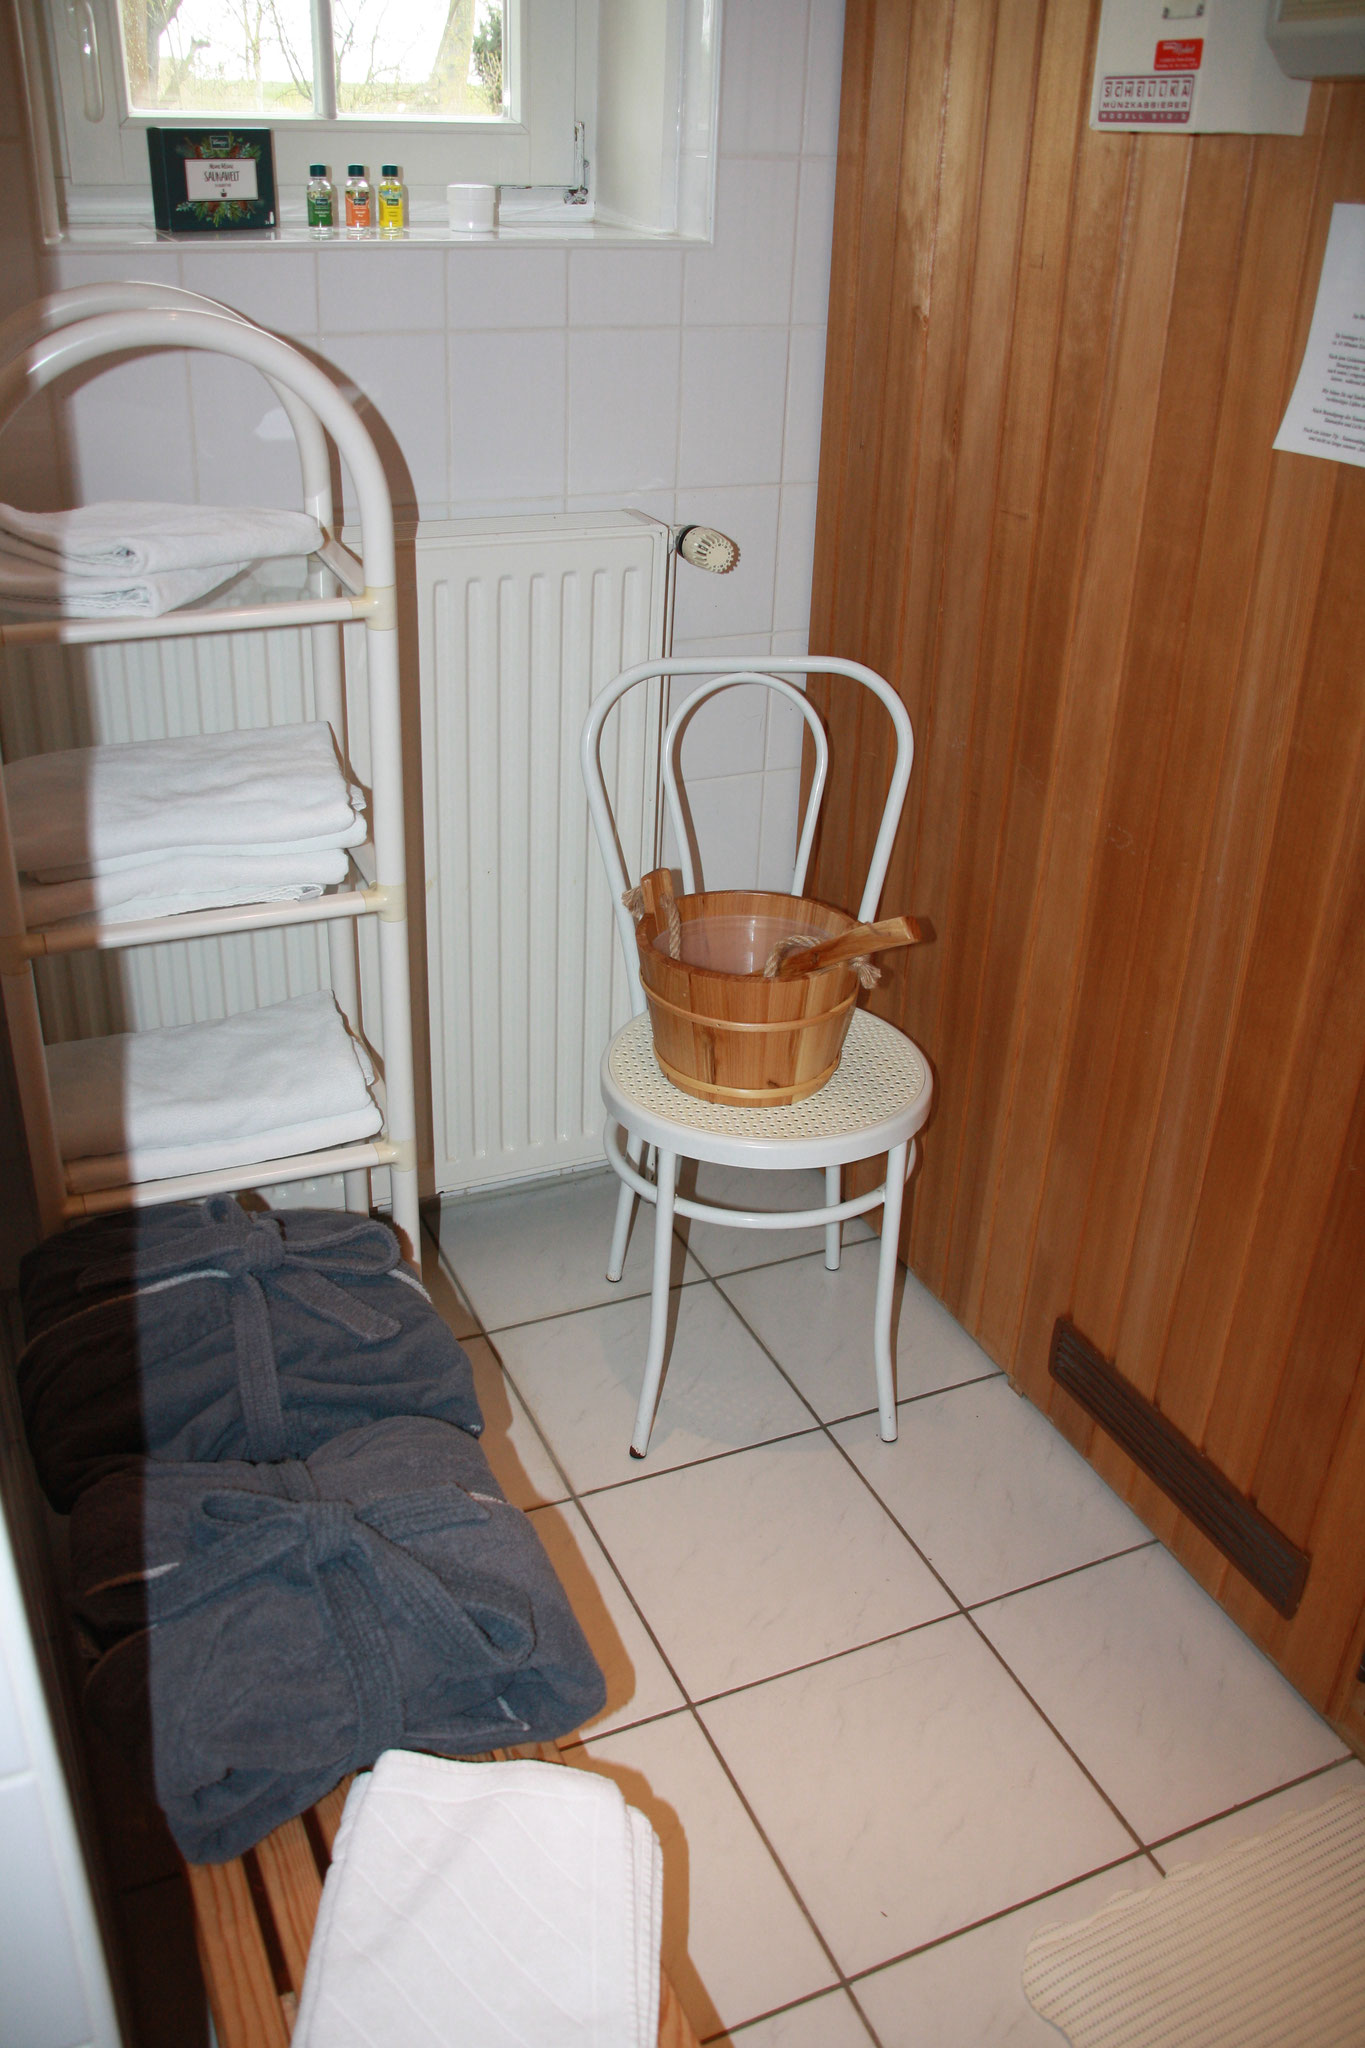 Bademäntel für Erwachsene und Handtücher sind vorhanden.